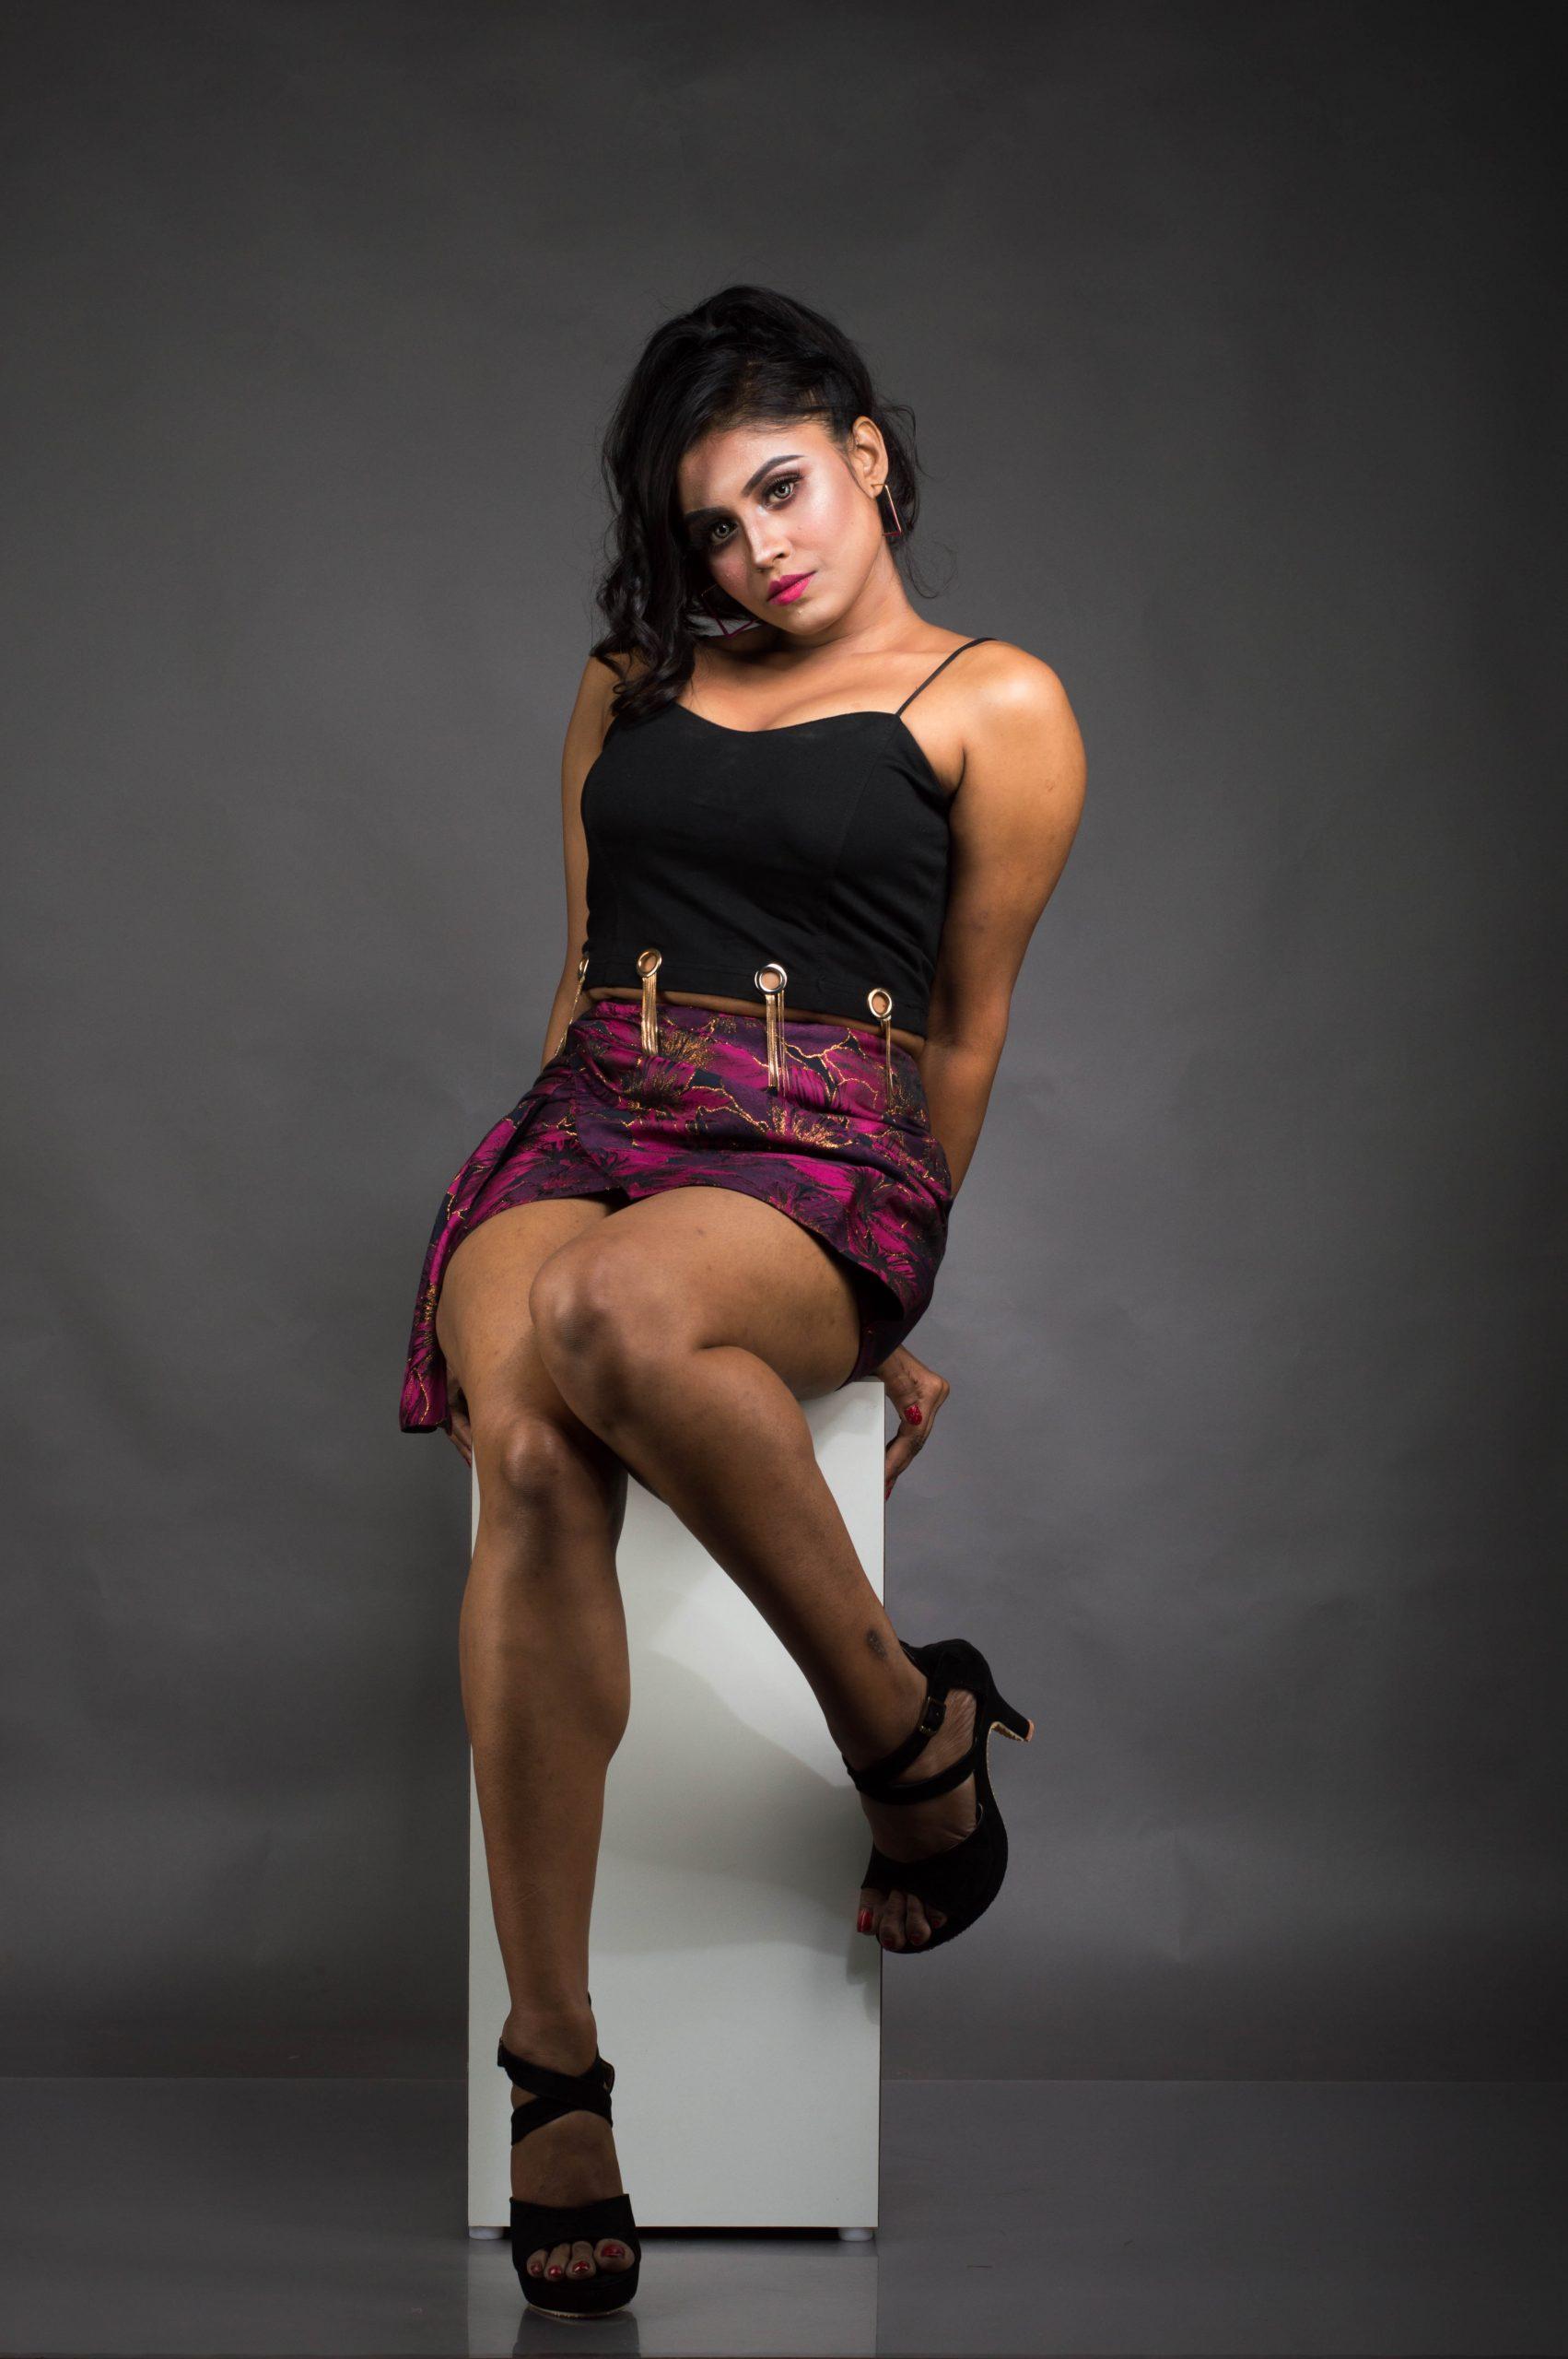 Stylish female model posing